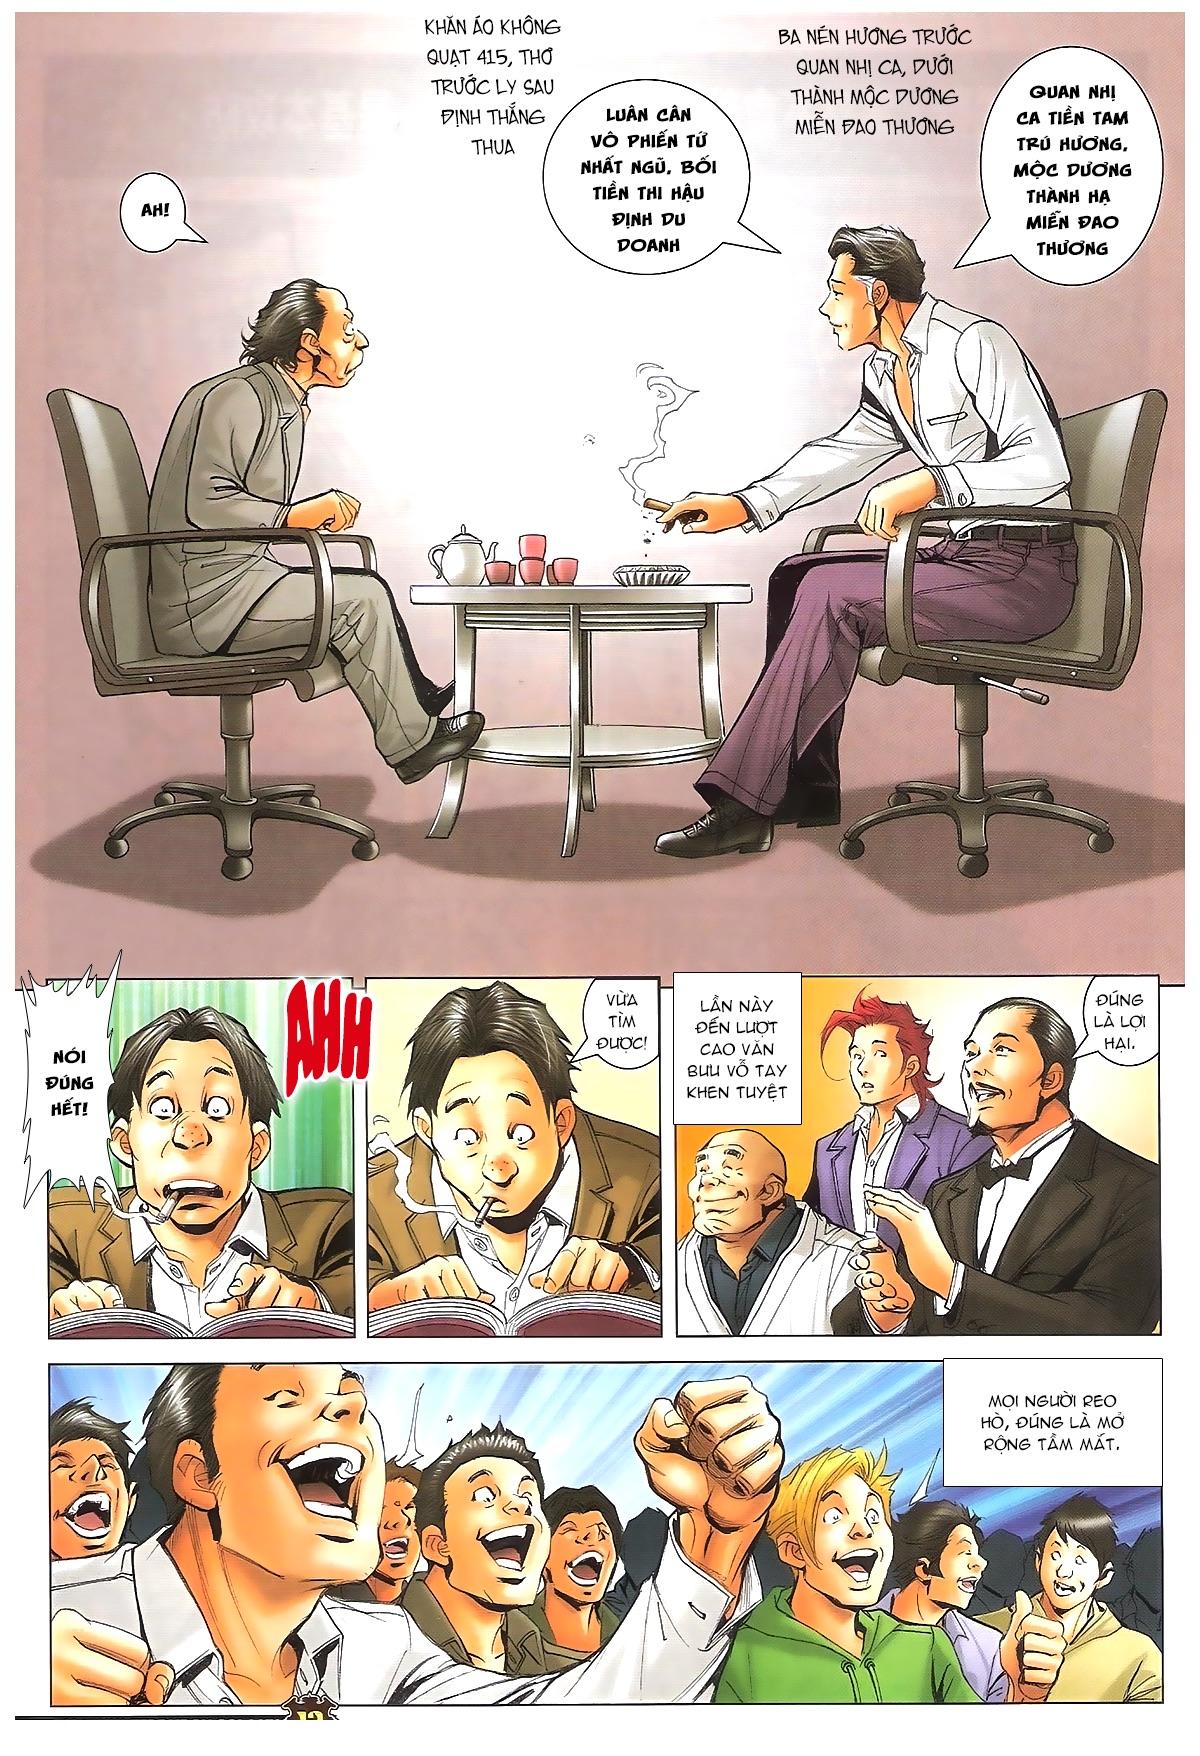 Người Trong Giang Hồ - Ngũ Hổ qui thiên - Chapter 1716: Đàm phán siêu cấp 2 - Pic 11